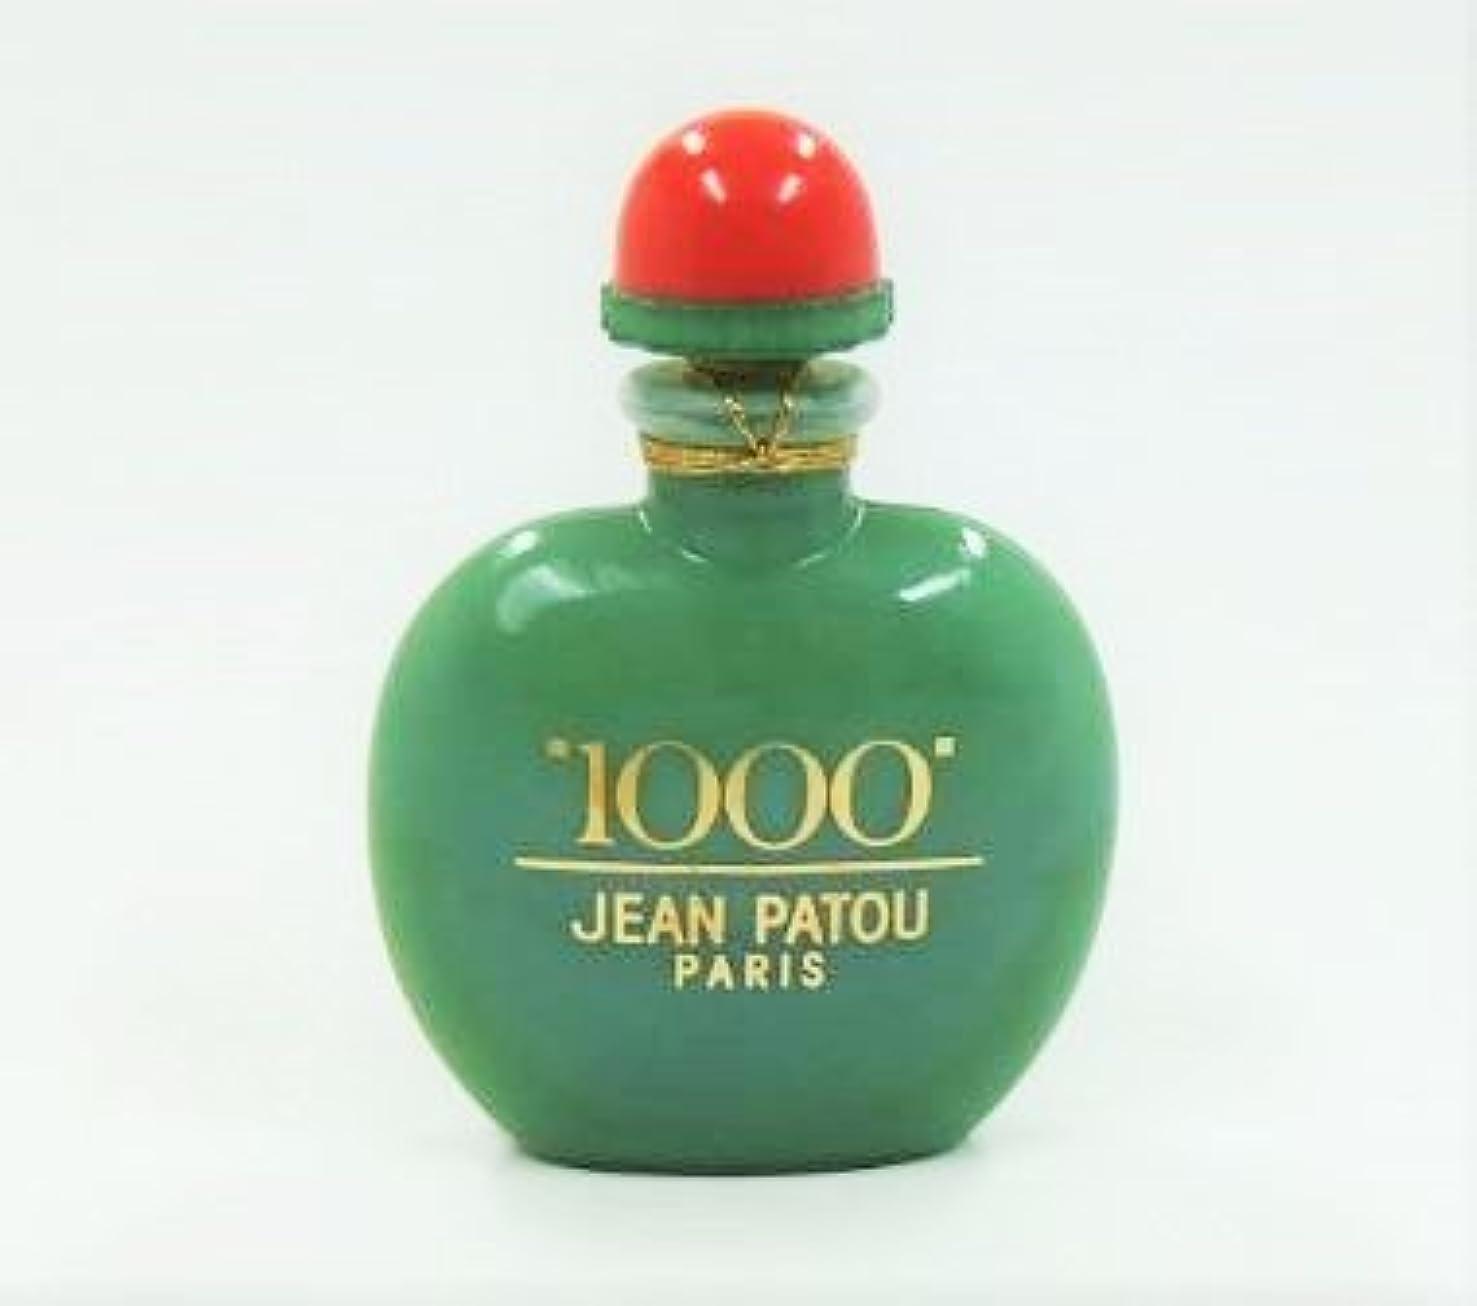 登録するラップトップビン【箱無し?シリアルナンバー無し】 JEAN PATOU ジャンパトゥ ミル 1000 パルファム 7ml (並行輸入) Parfum